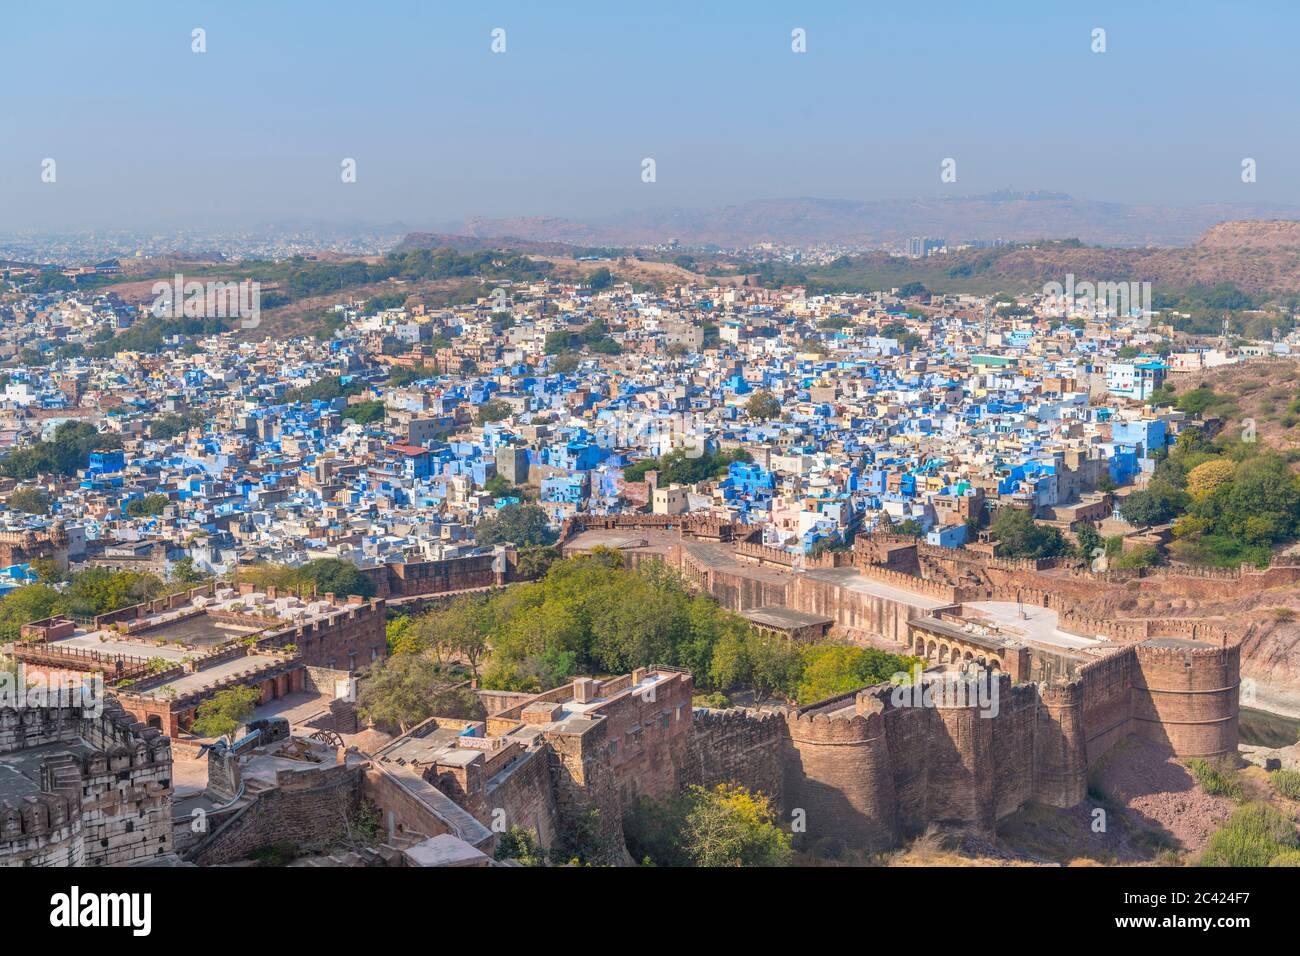 Vue du fort Mehrangarh sur la 'ville bleue' de Jodhpur, Rajasthan, Inde Banque D'Images